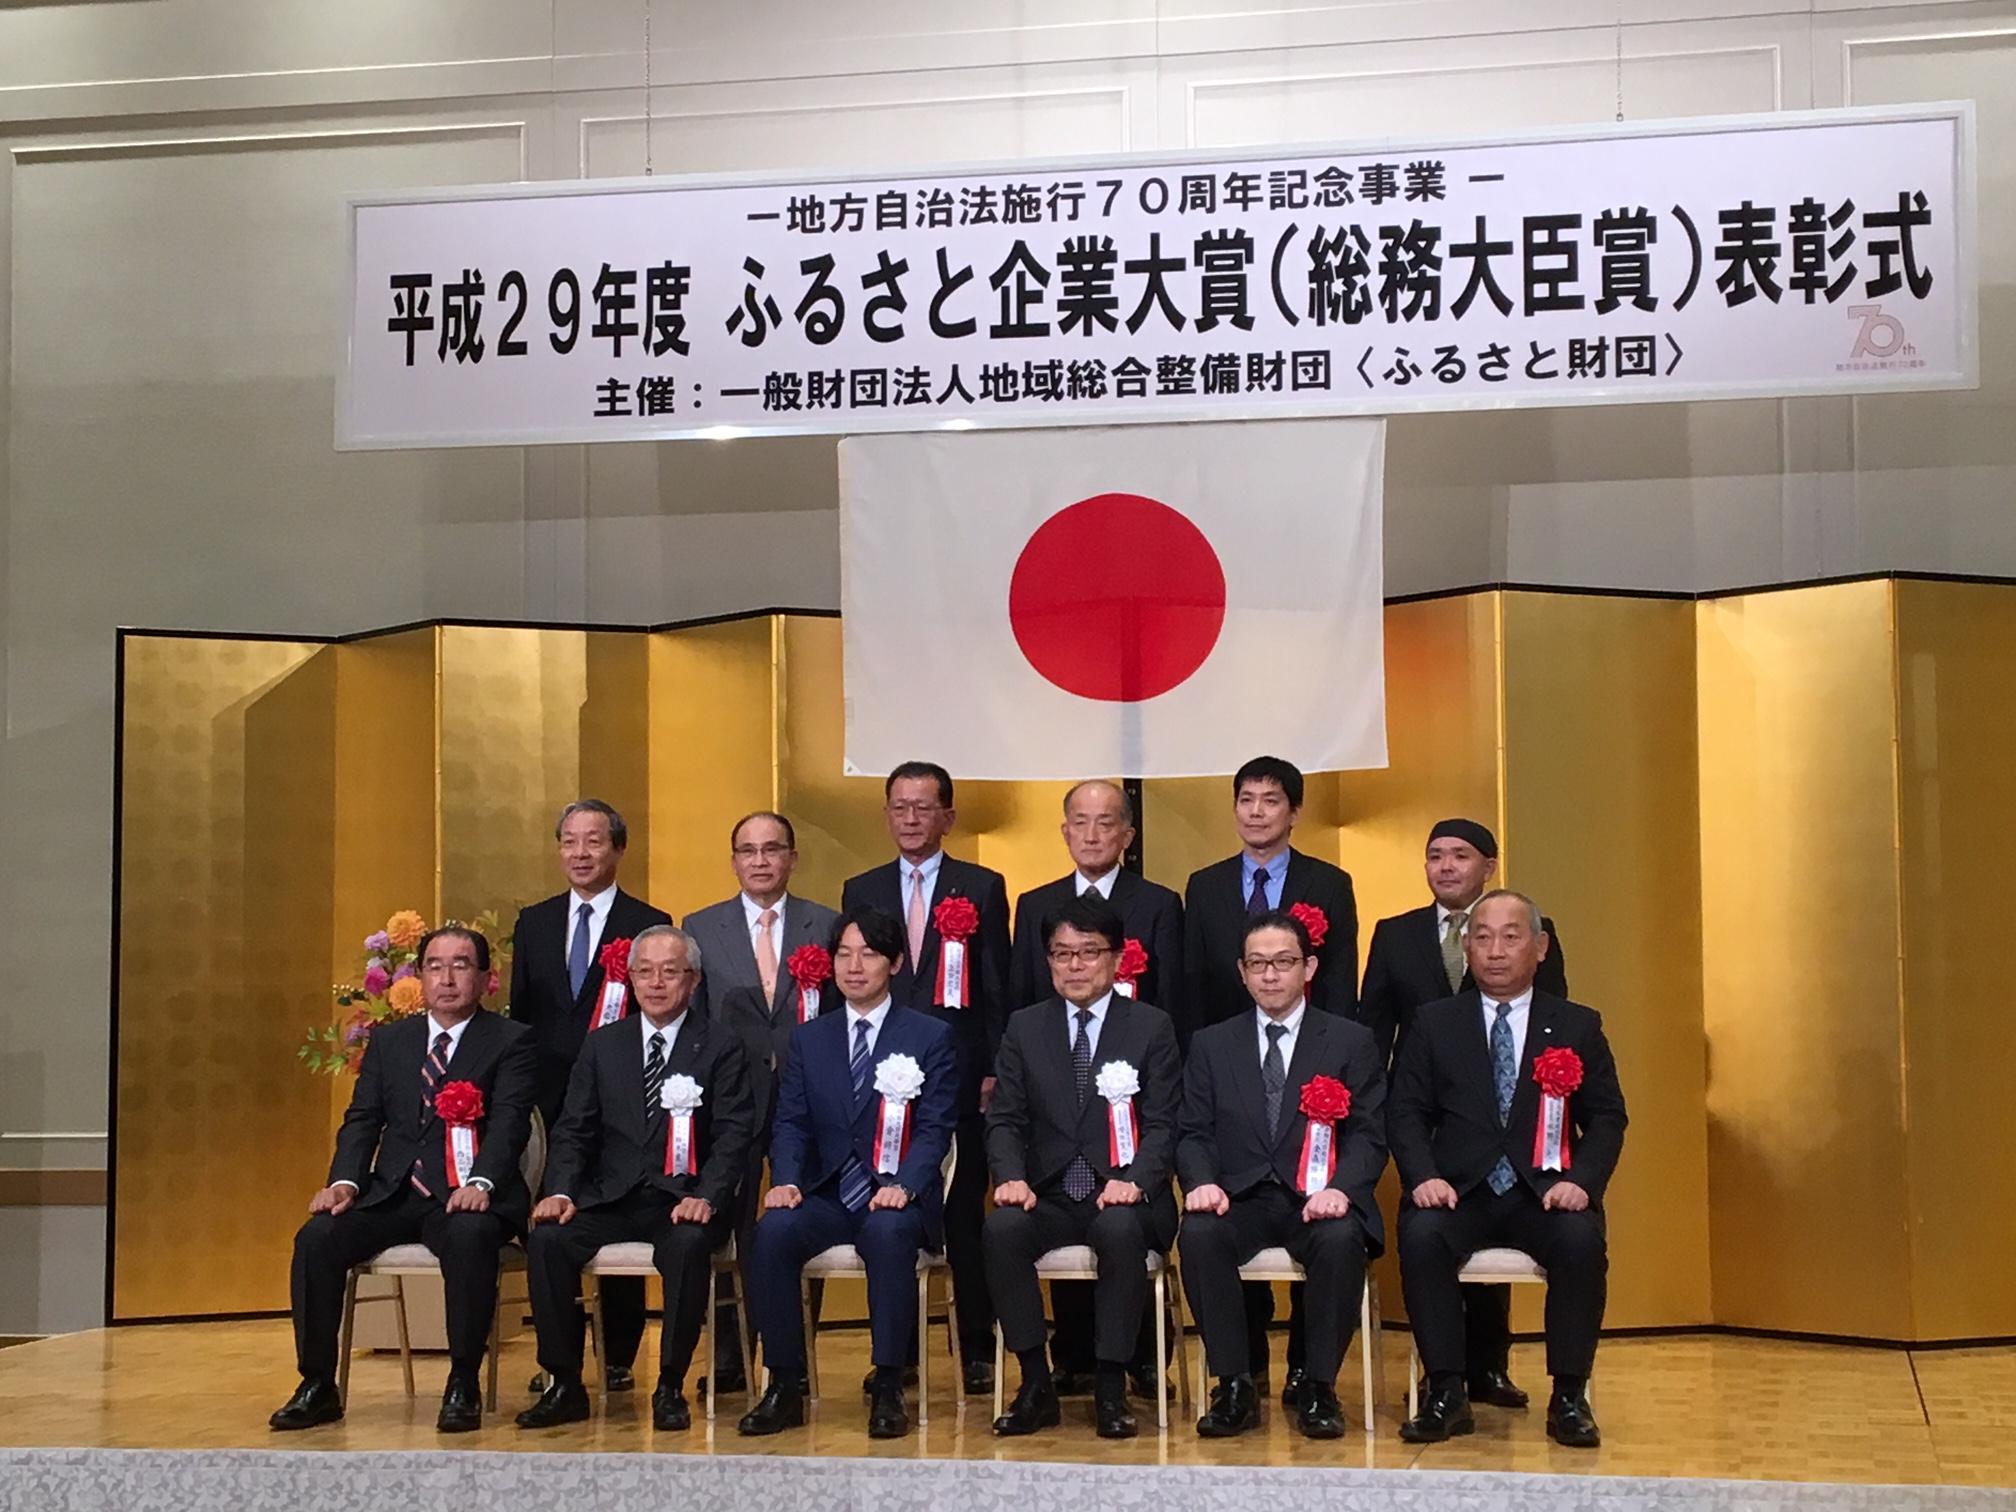 「平成29年度ふるさと企業大賞(総務大臣賞)」を受賞致しました